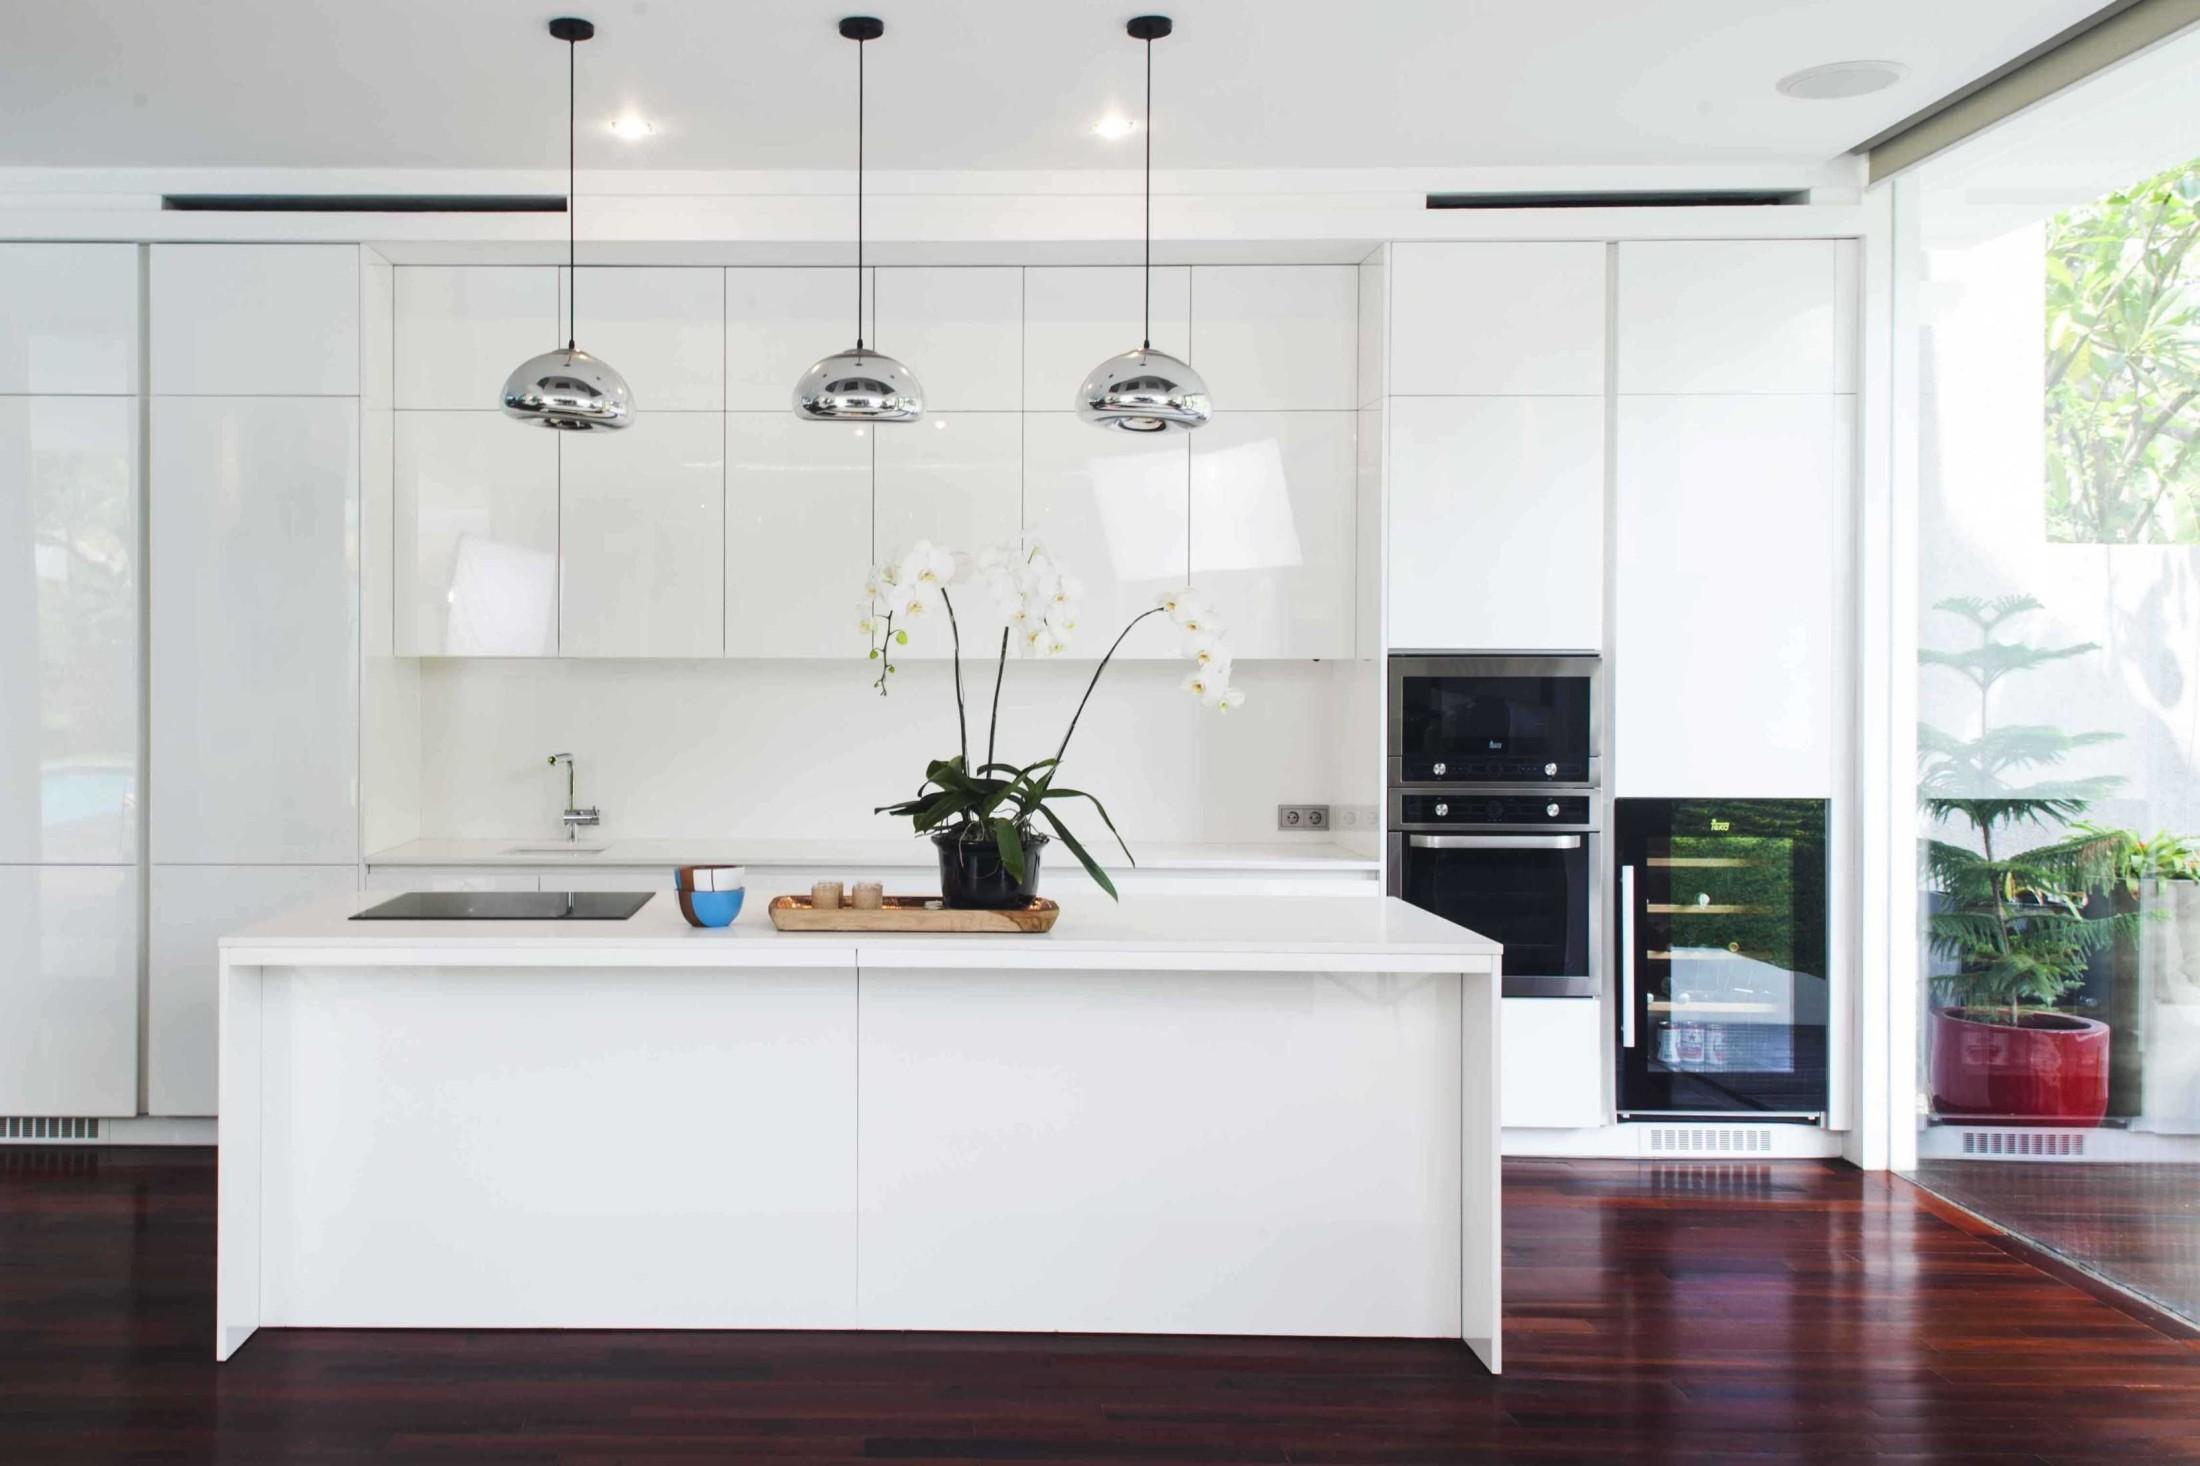 Model Desain Lampu Gantung Keren Untuk Mempercantik Interior Rumah Anda | Foto artikel Arsitag